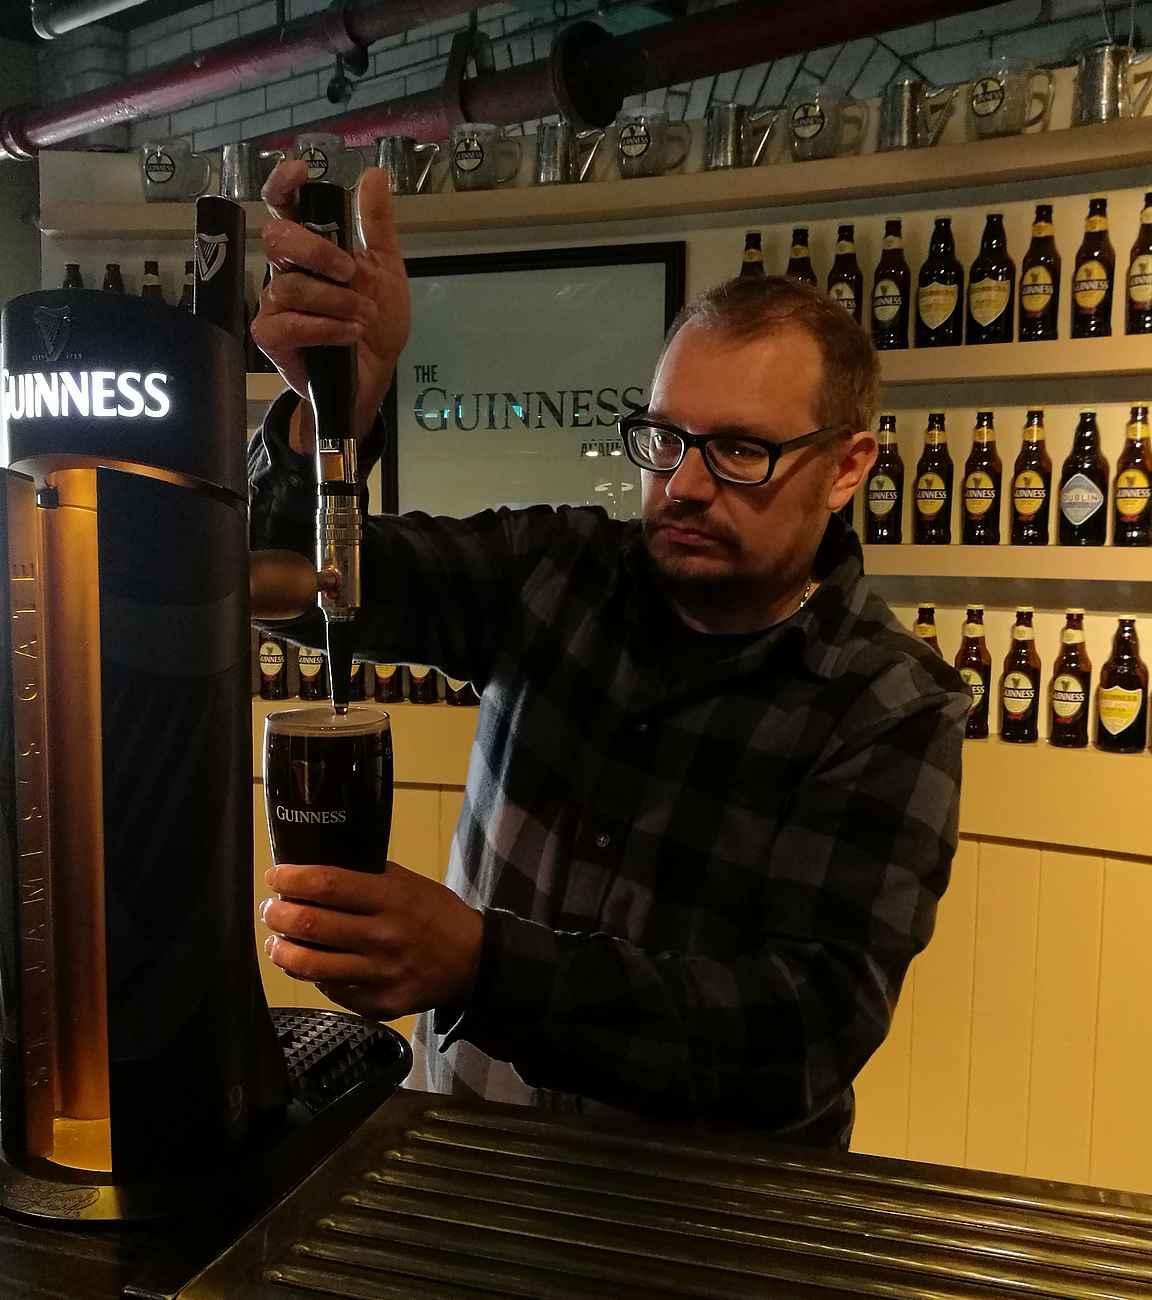 Dublinin pubkulttuuriin tutustuessa kannattaa käydä opiskelemassa täydellisen Guinness tuopin kaato Guinness Storehouse Academyssä.